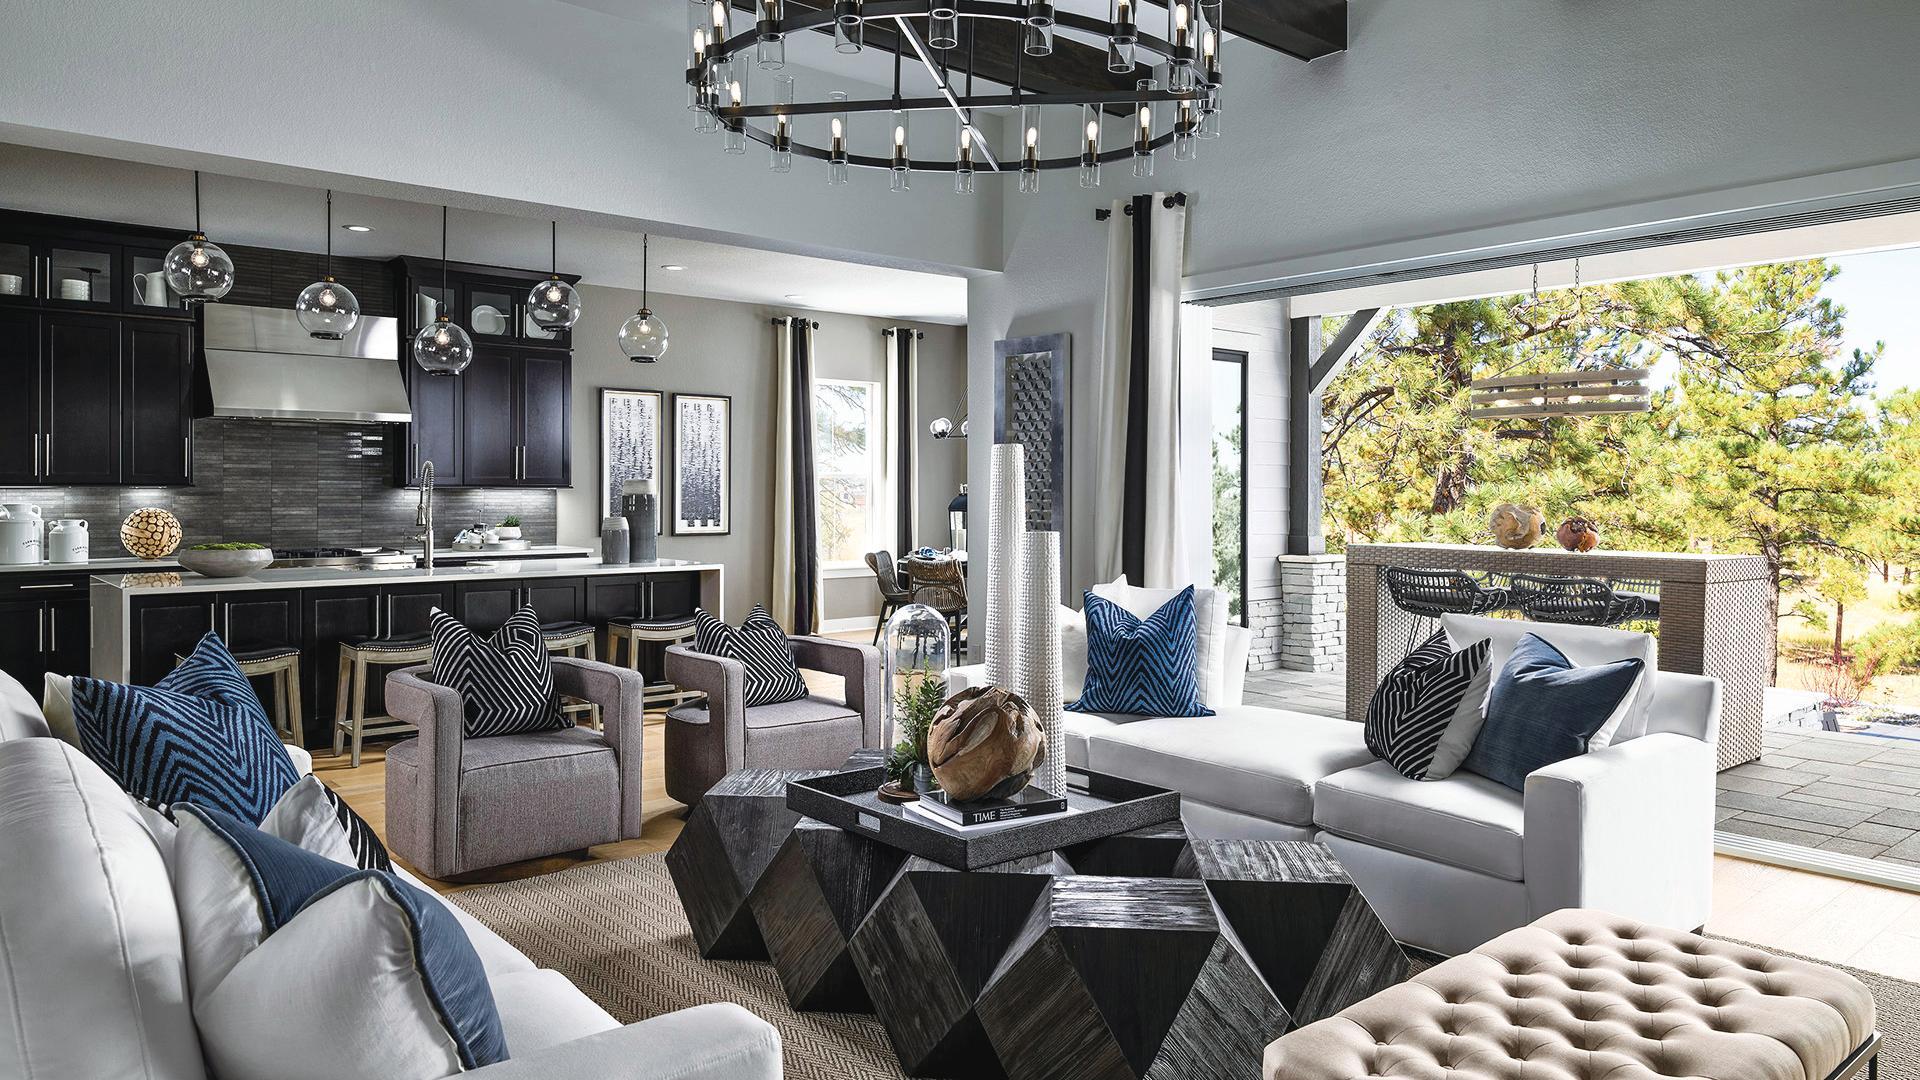 Crestone open-concept home design